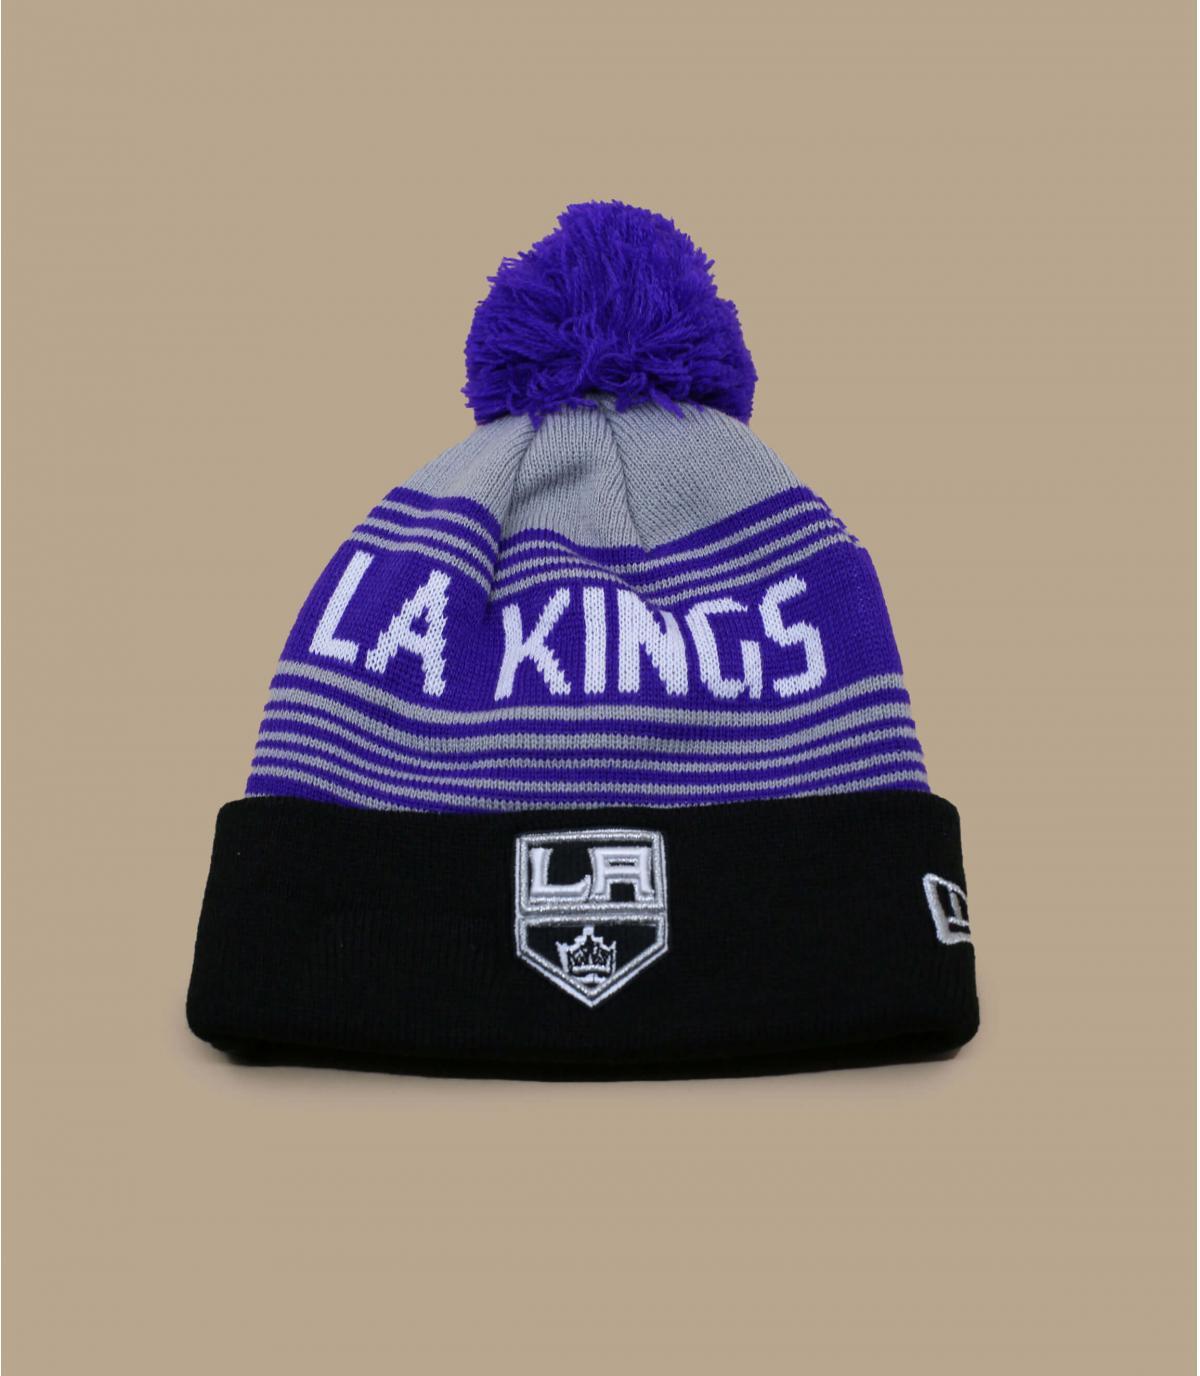 LA kings kids knit